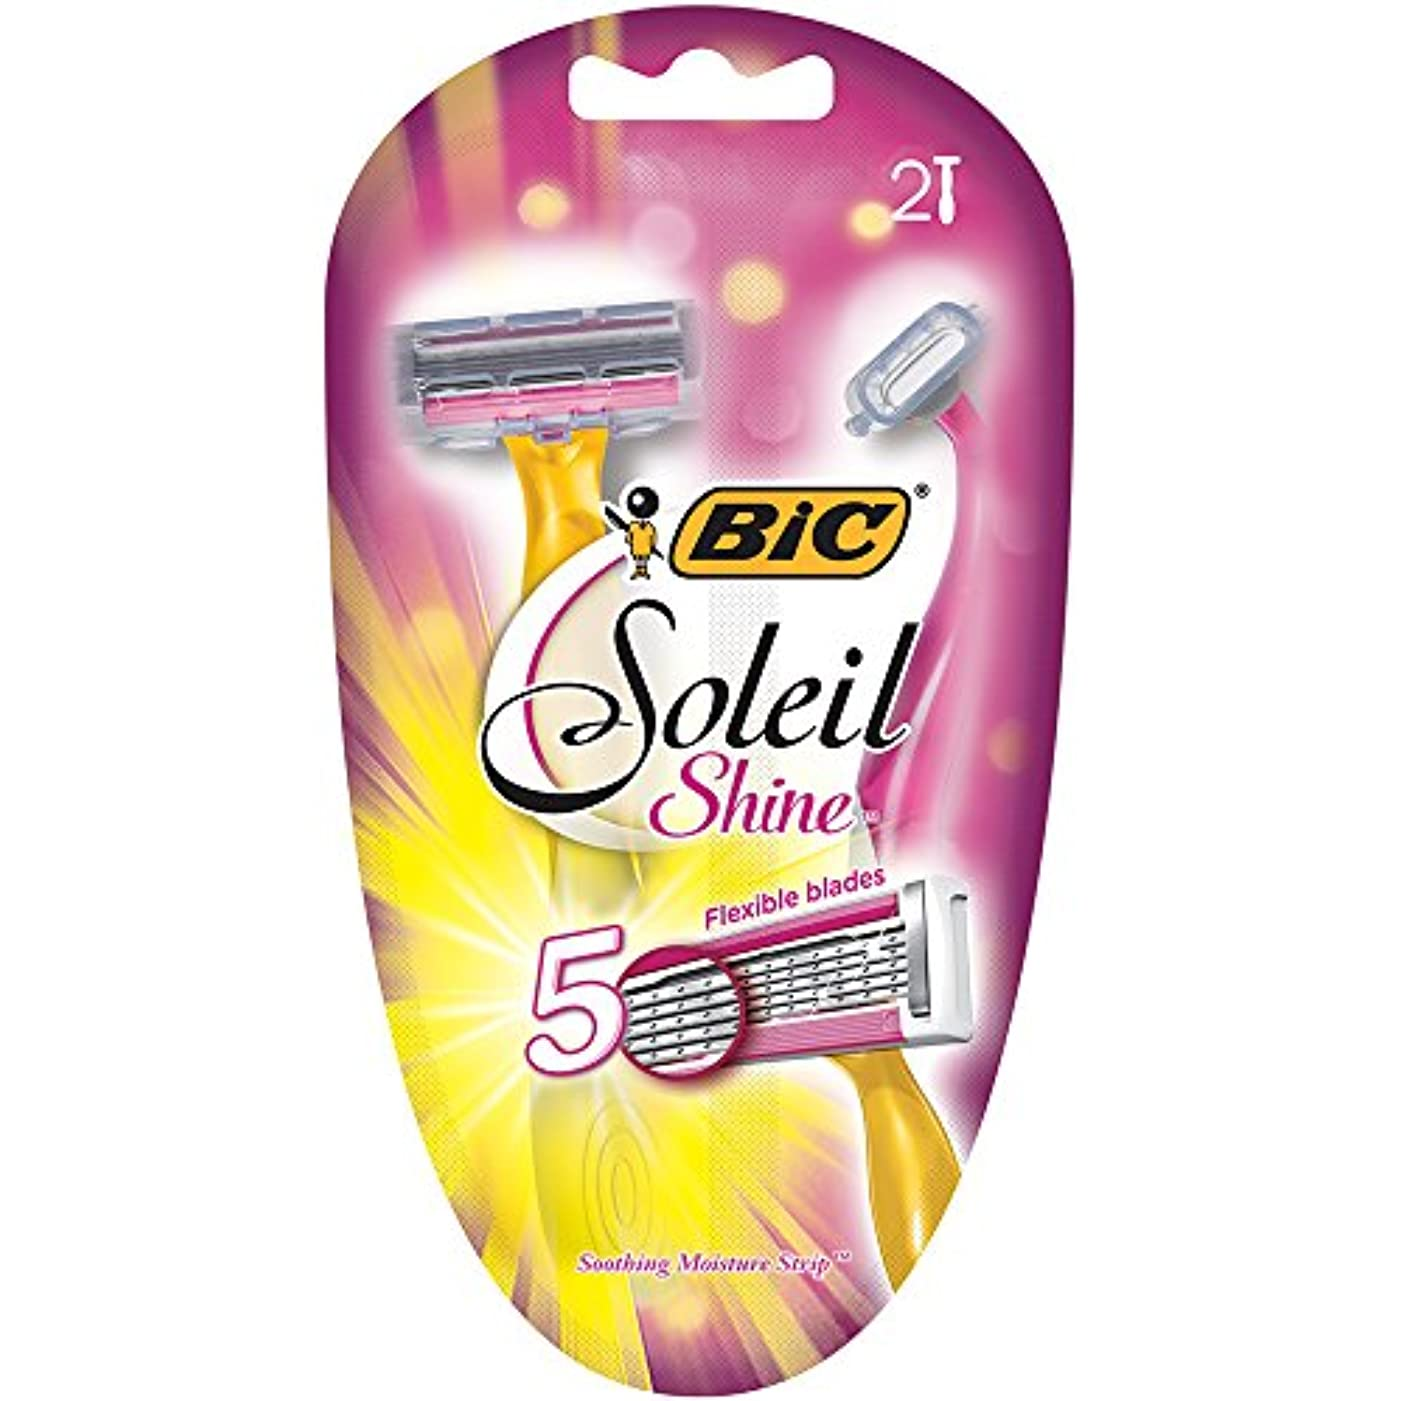 登る密輸調和BIC ソレイユ磨き、使い捨てカミソリ、女性、2-カウント